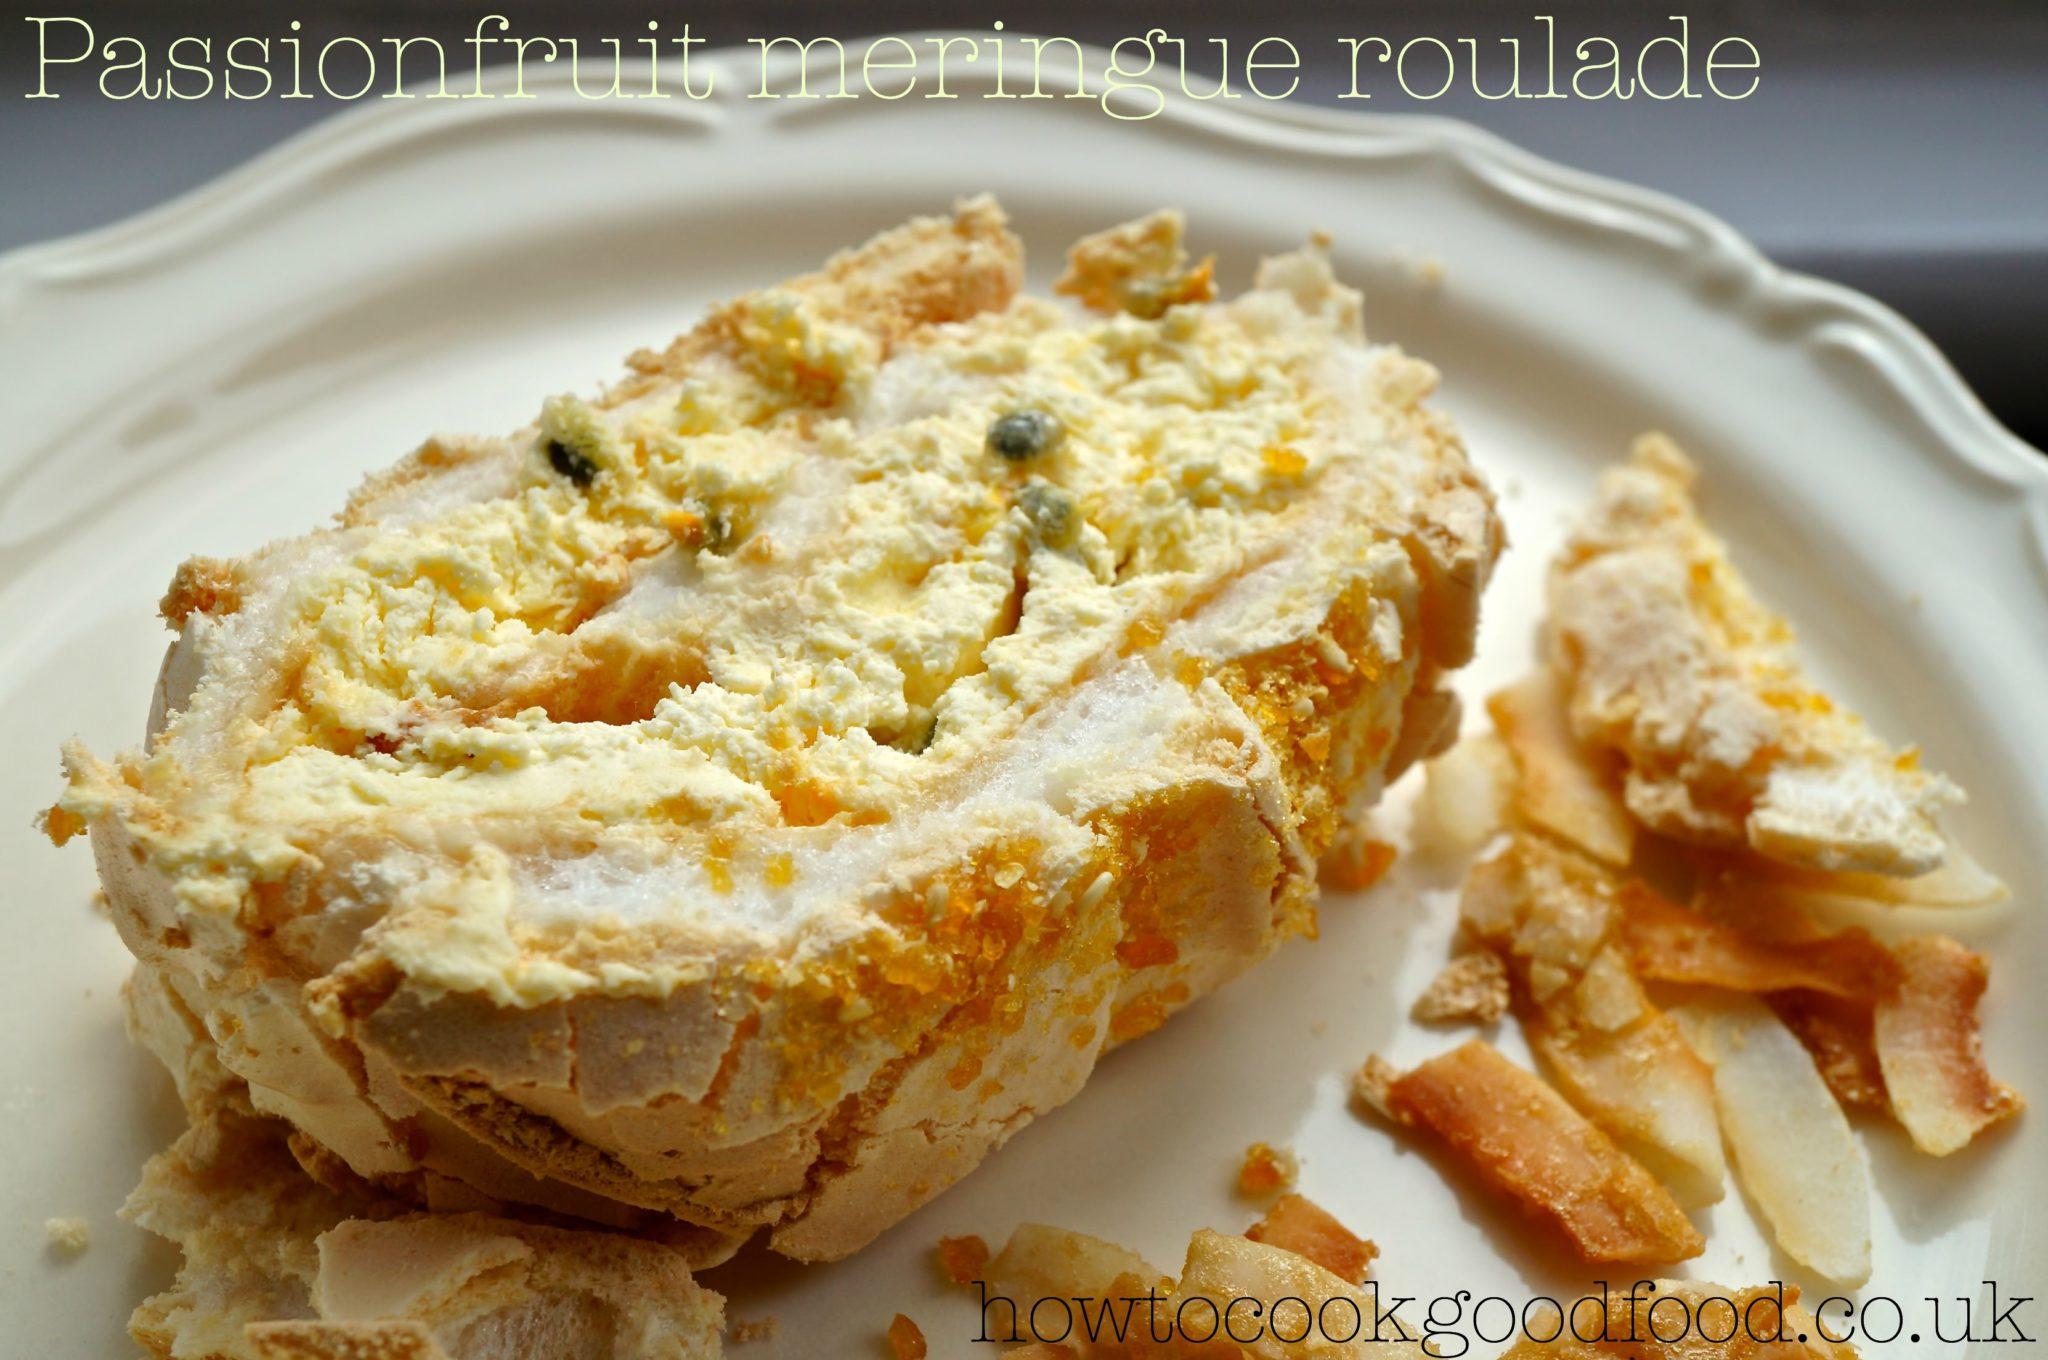 pics Passion Fruit and Mango Meringue Roulade Recipe